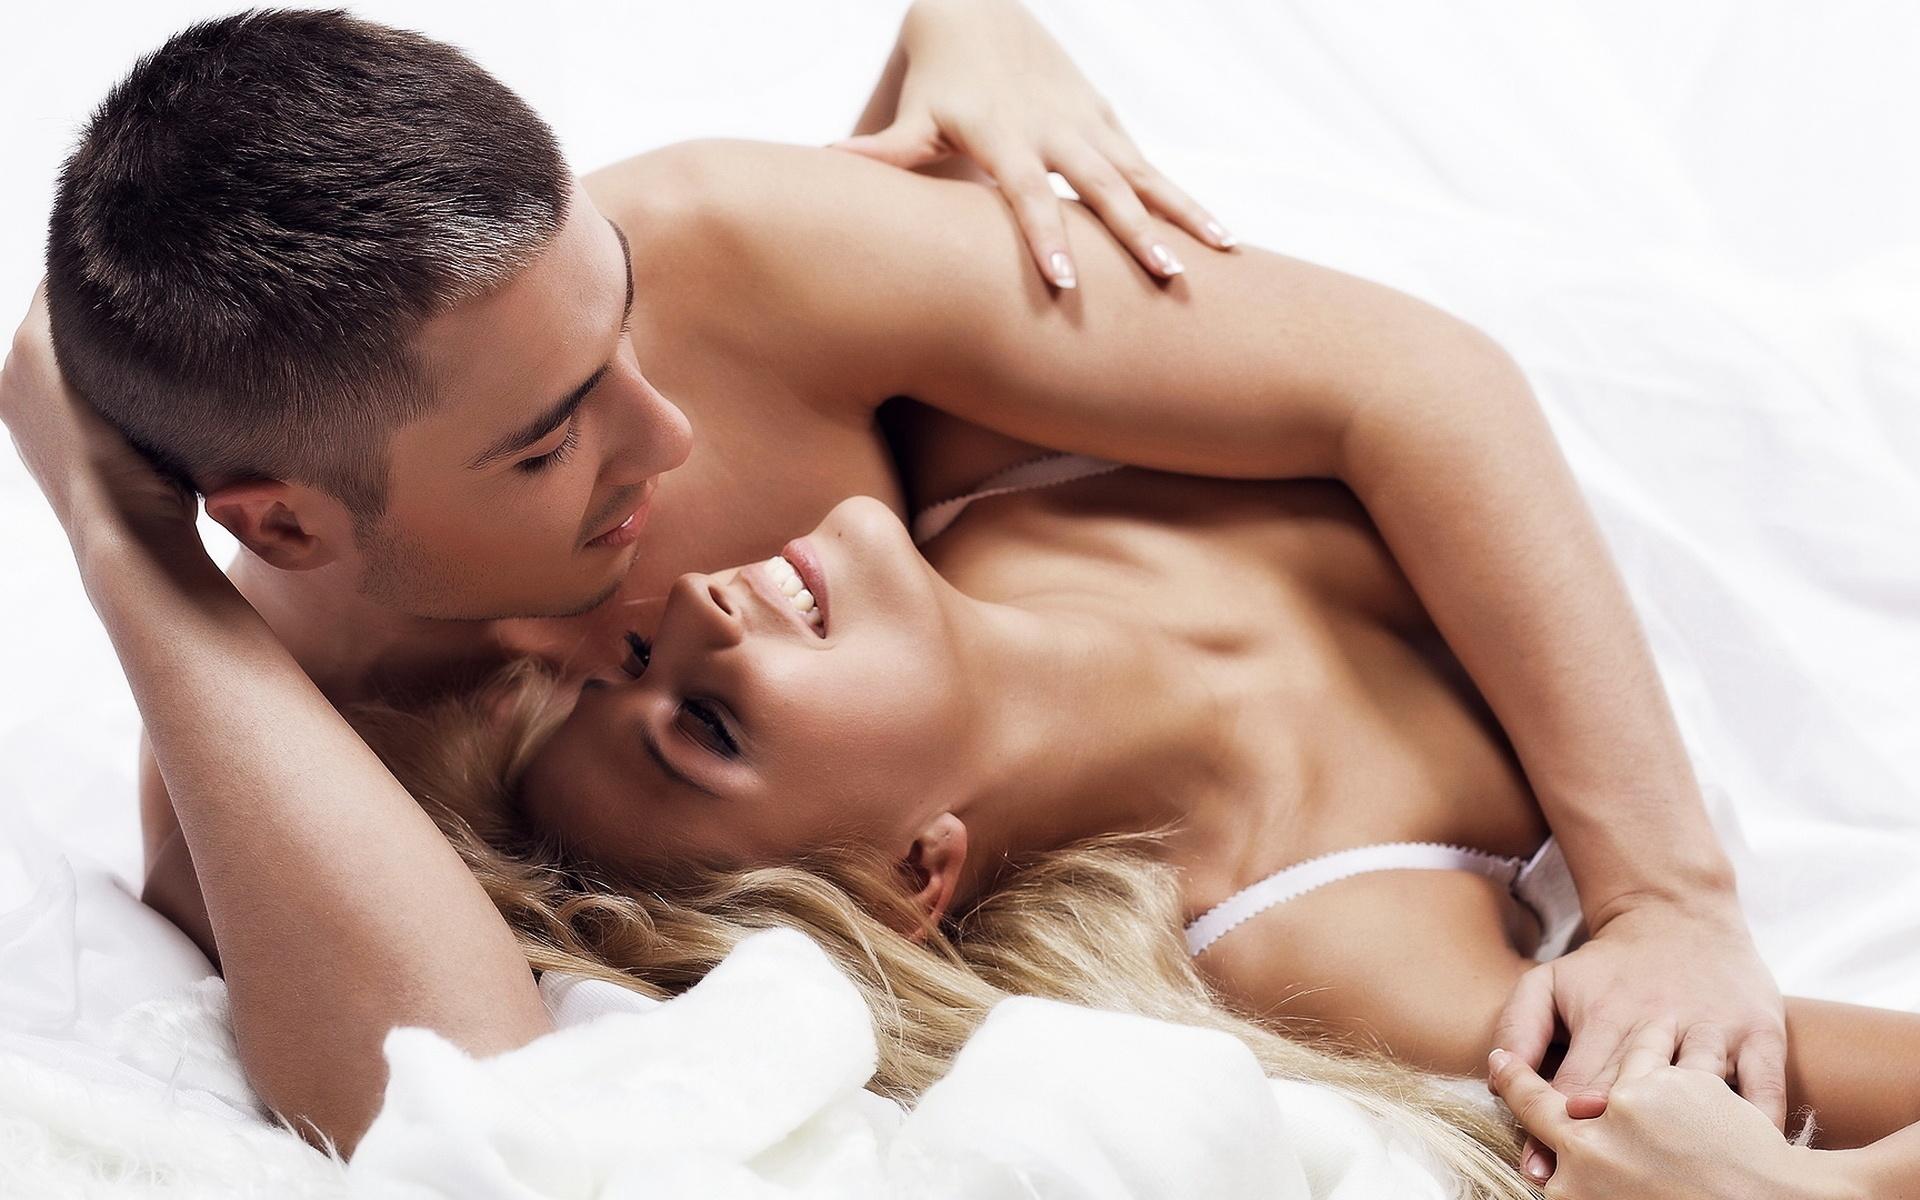 7f7bdd770 هل تحب المرأة العنف في العلاقة الجنسية ؟؟ وماهي فوائد ضرب المؤخره ...